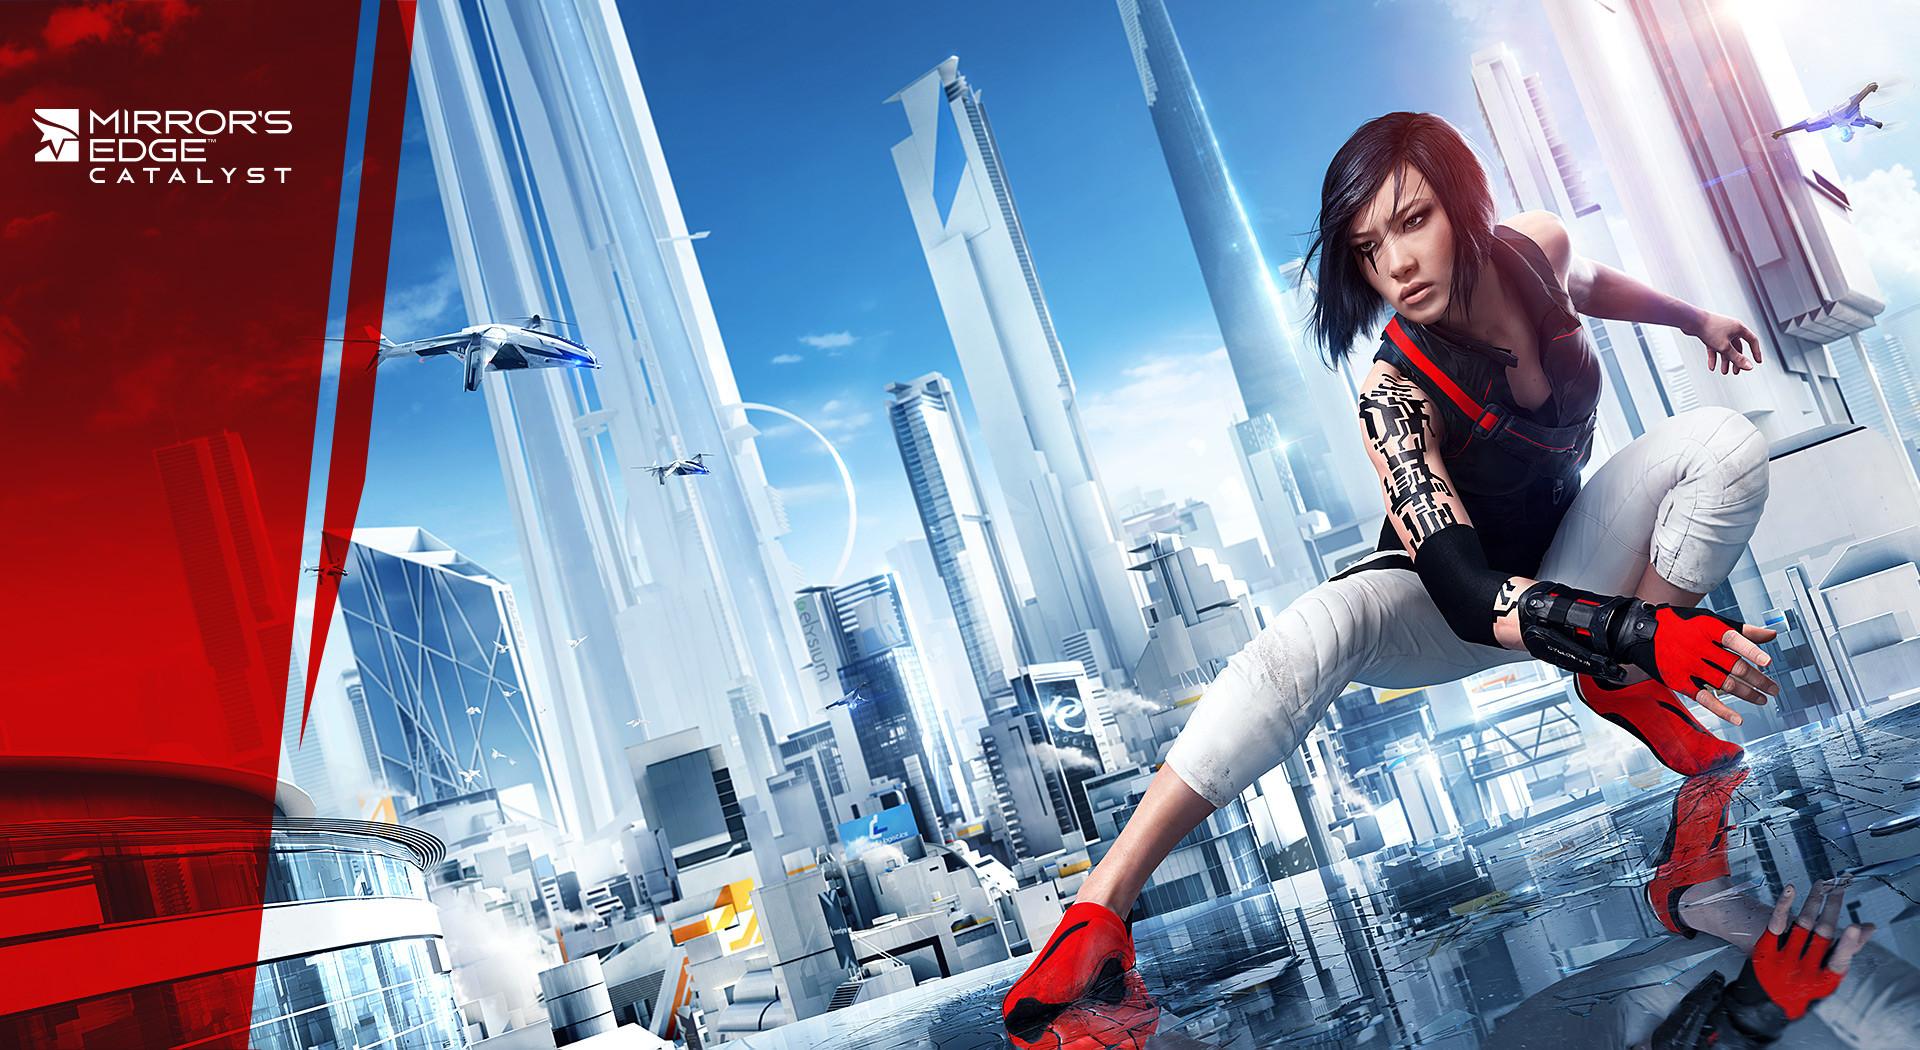 E3 2015 : Mirror's Edge Catalyst se prête au jeu du parkour